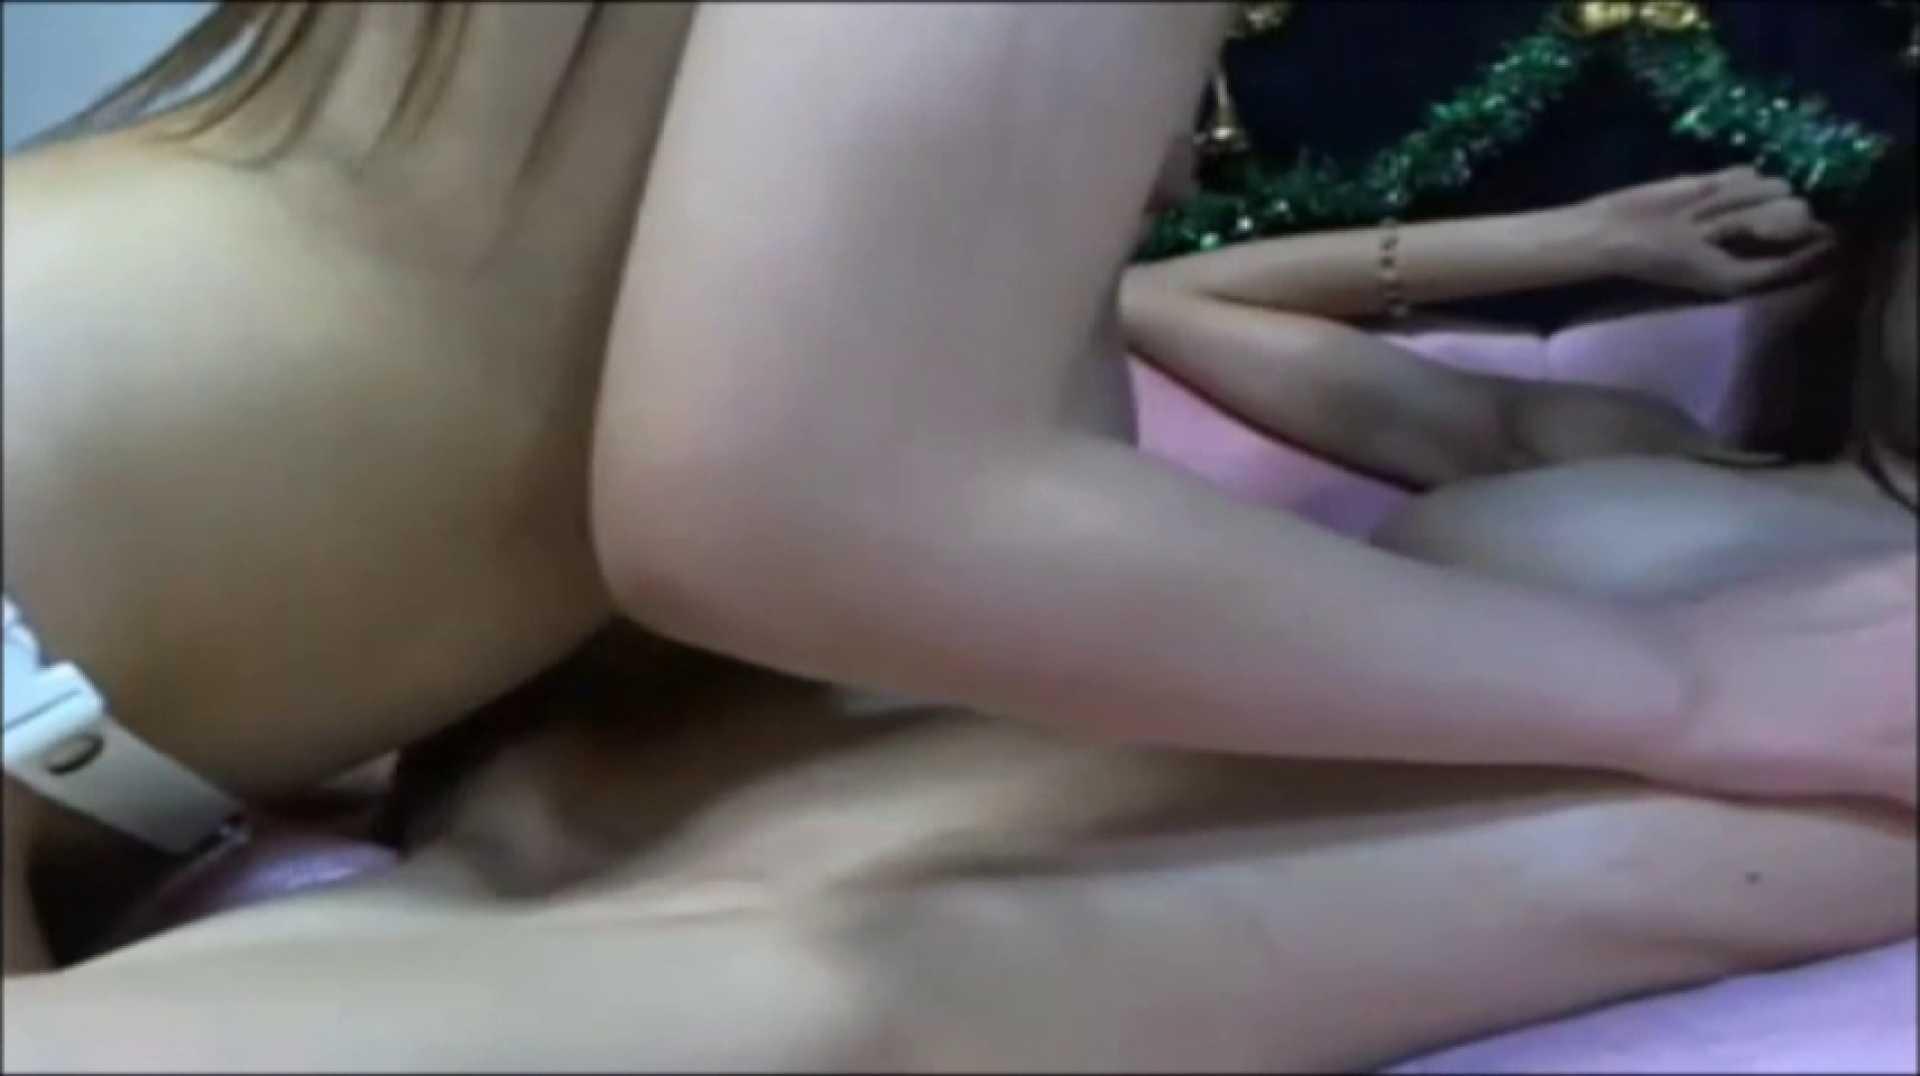 ガチンコ!!激カワギャル限定個人ハメ撮りセフレ編Vol.25 巨乳 | OLのエロ生活  64連発 57